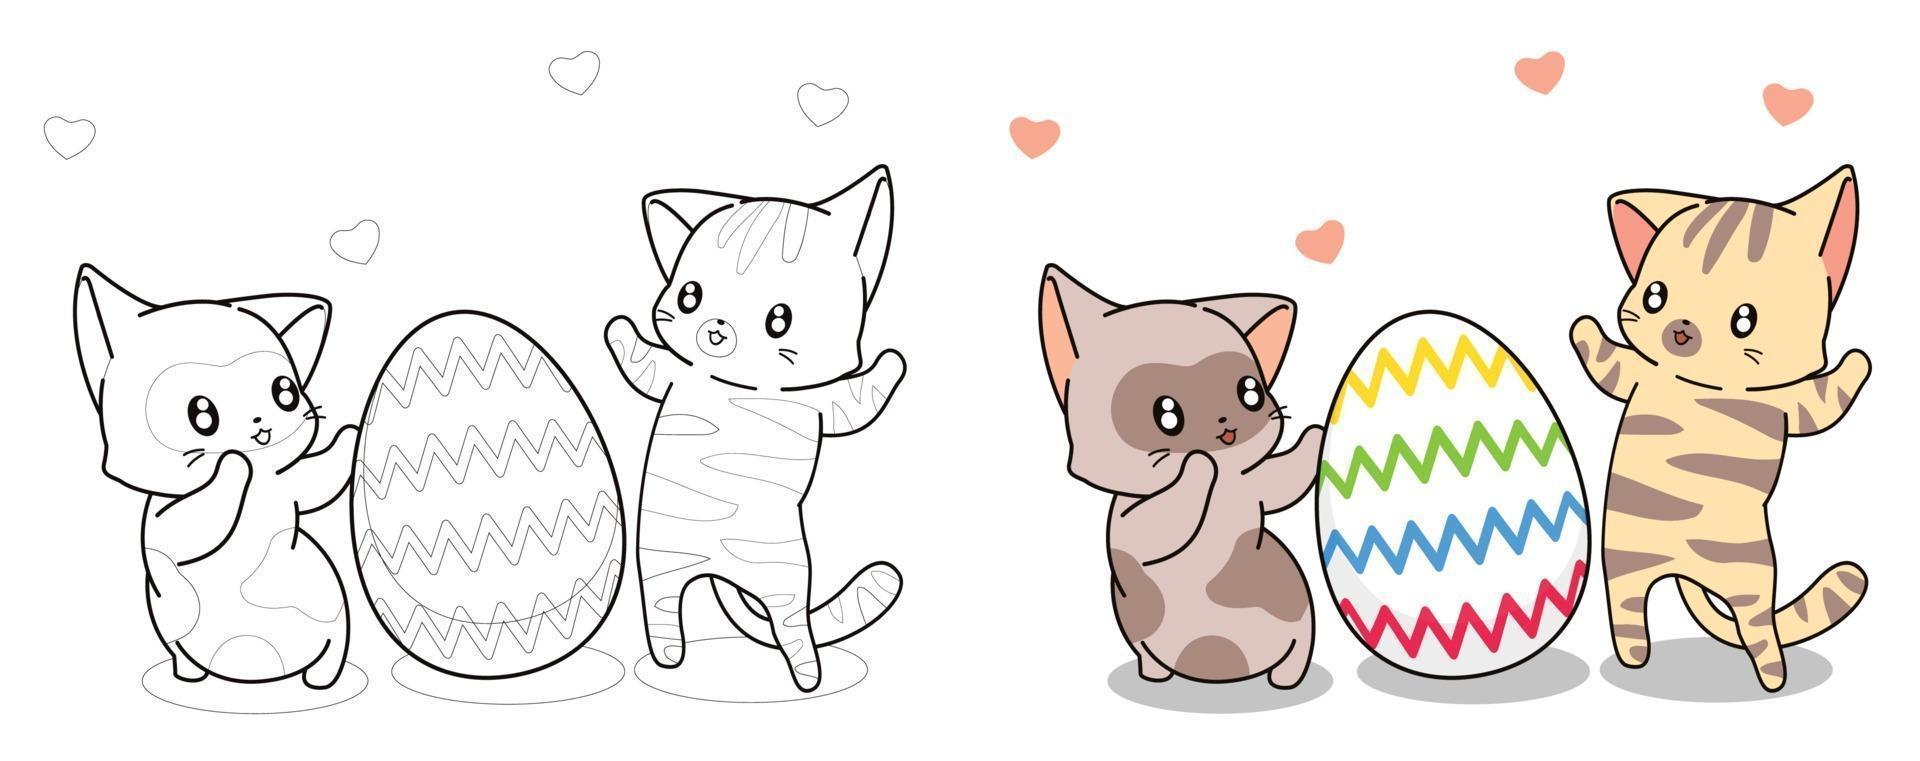 gatos bonitos e ovos na página de desenho animado do dia da Páscoa para crianças vetor